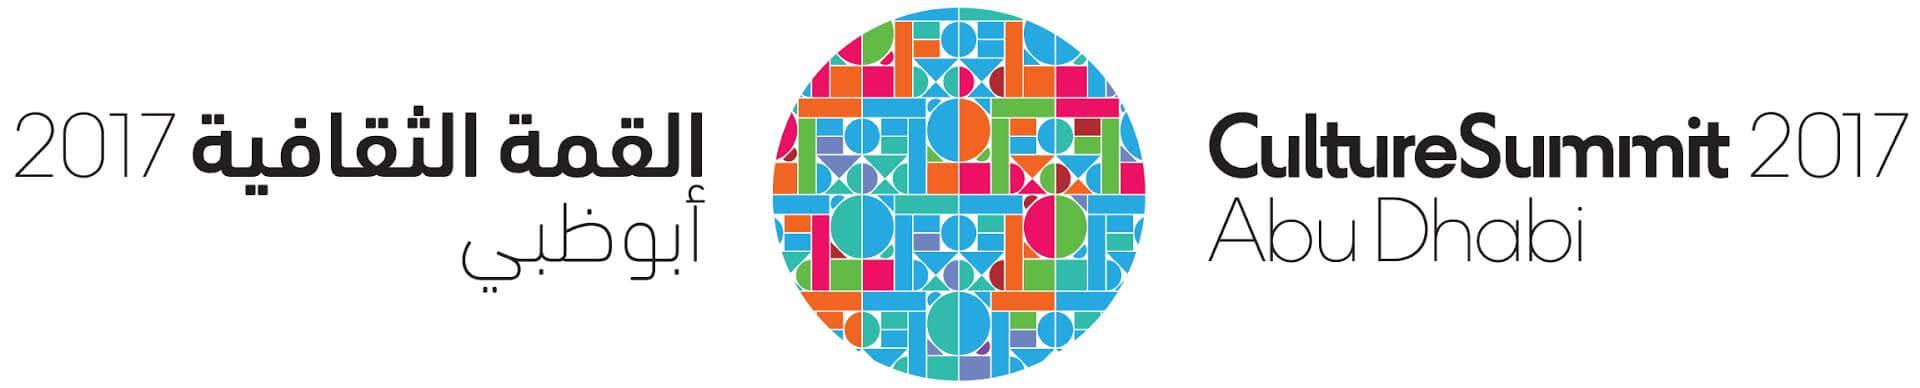 أبوظبي تستضيف قمة القيادات الثقافية العالمية الشهر المقبل